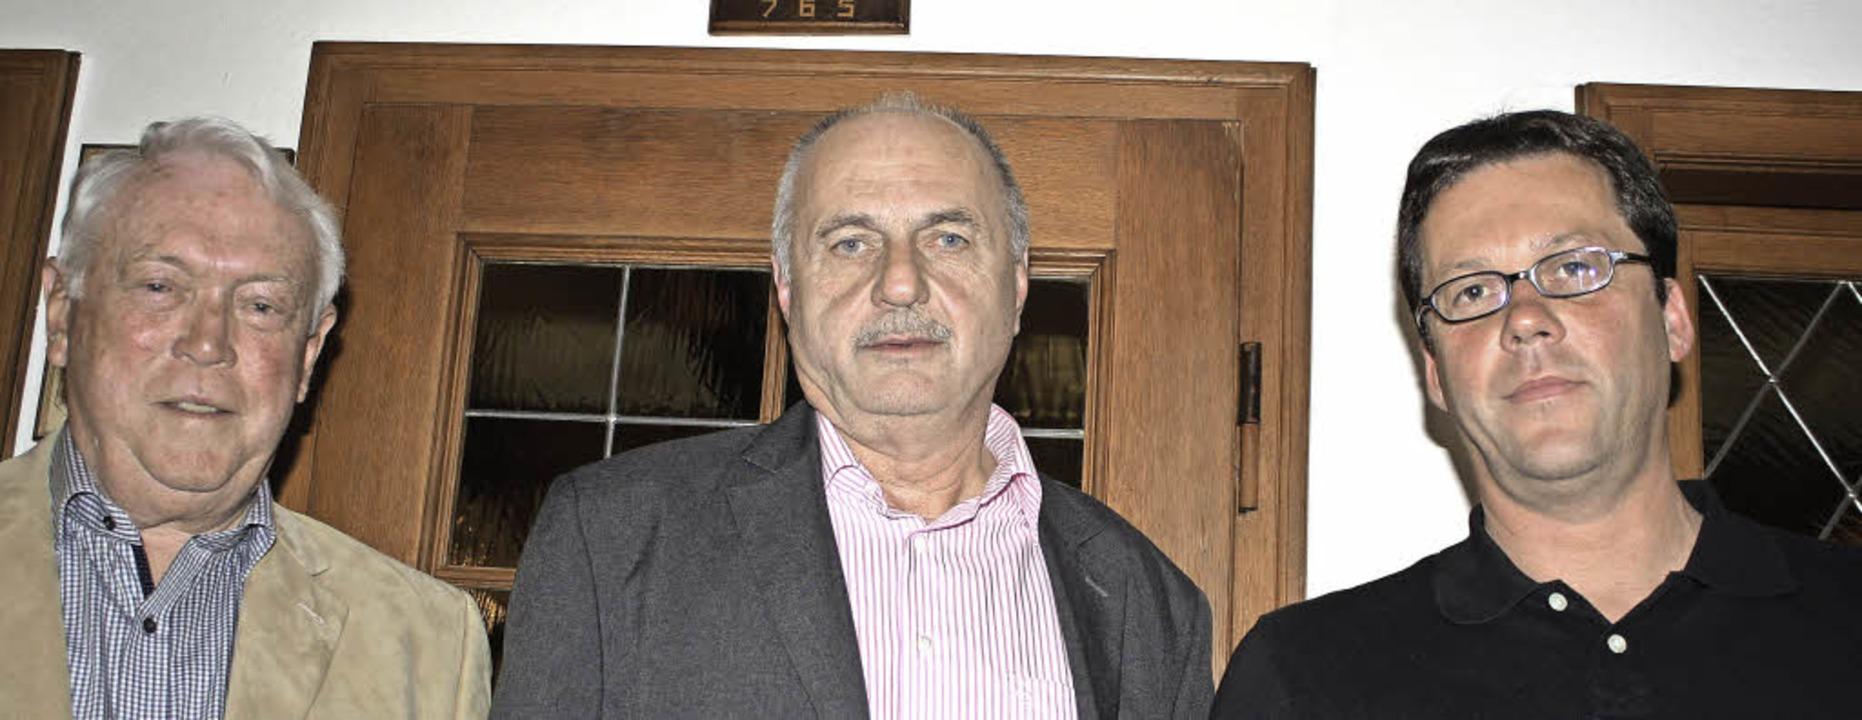 Klaus Rein (von links) ehrte zwei Tisc... Zeiser seit 40 Jahren dem TTSV treu.     Foto: Werner Schnabl